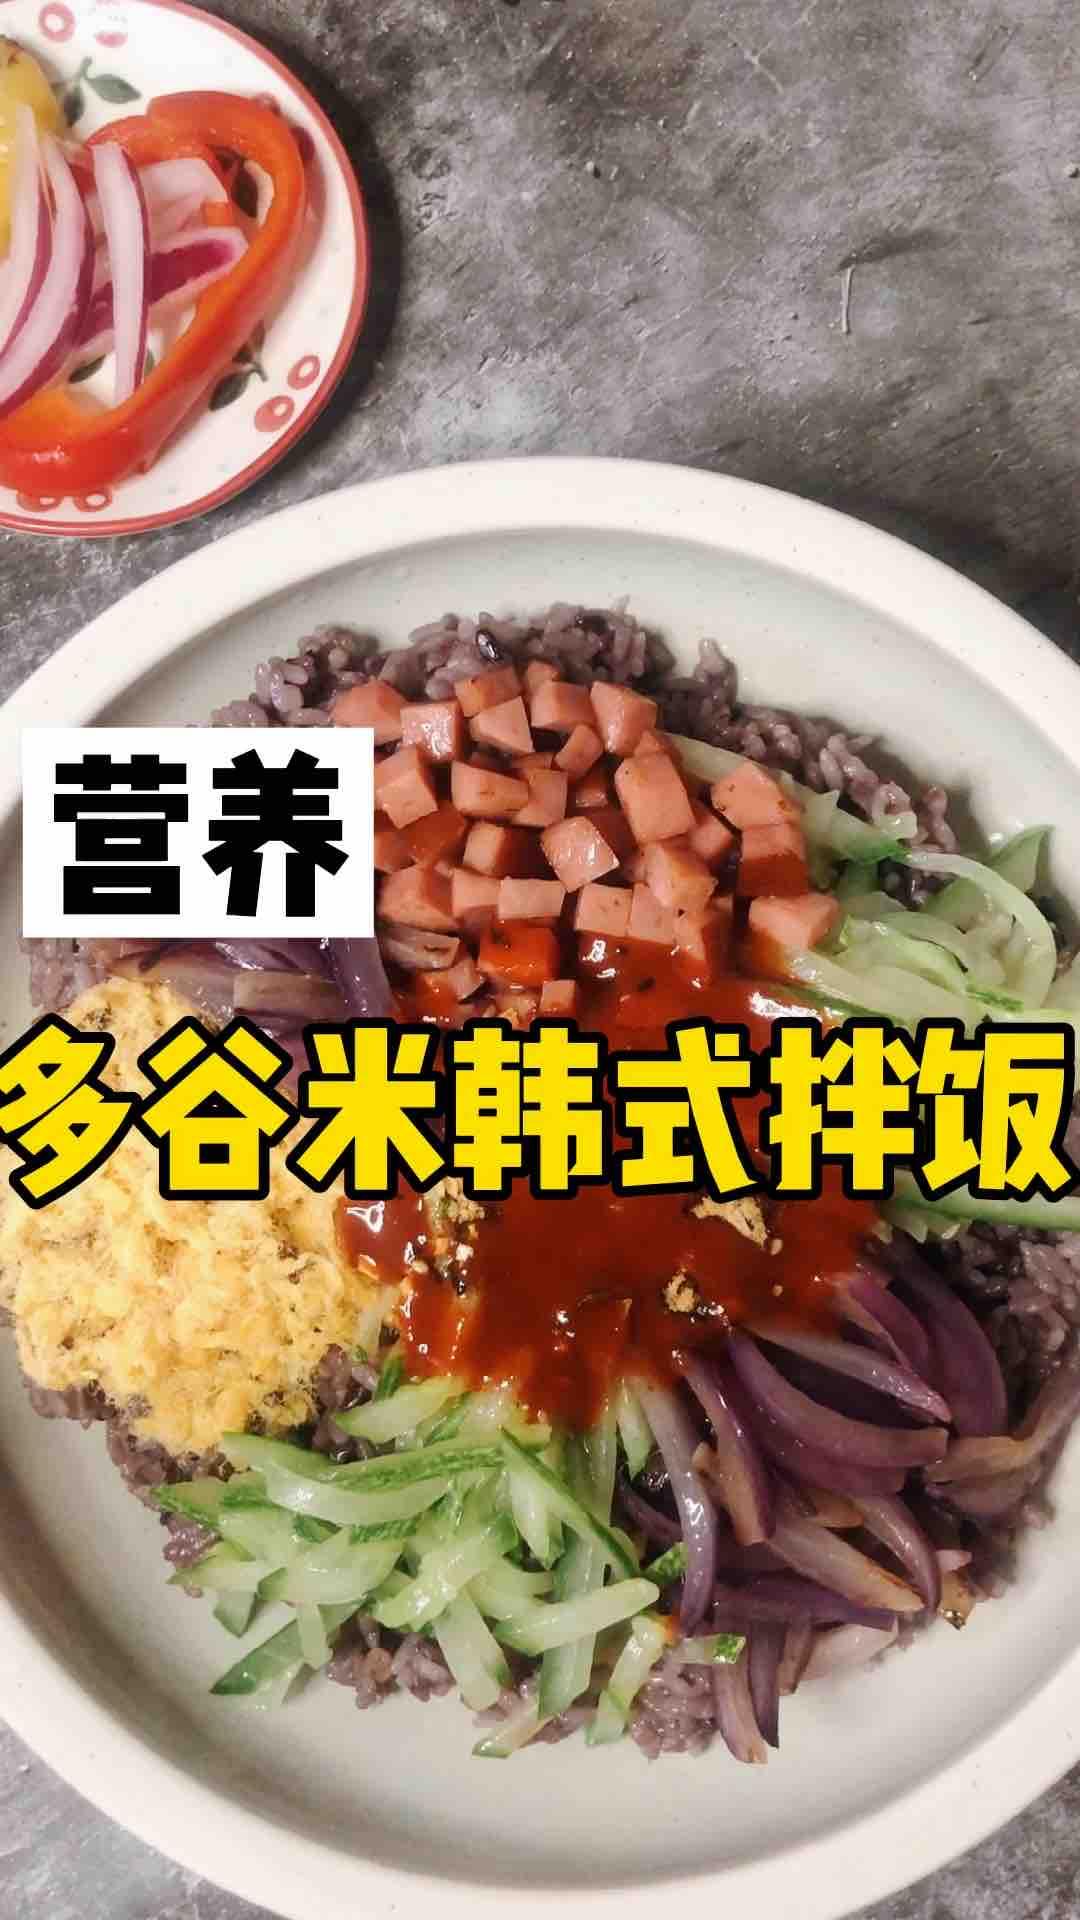 营养多谷米韩式拌饭